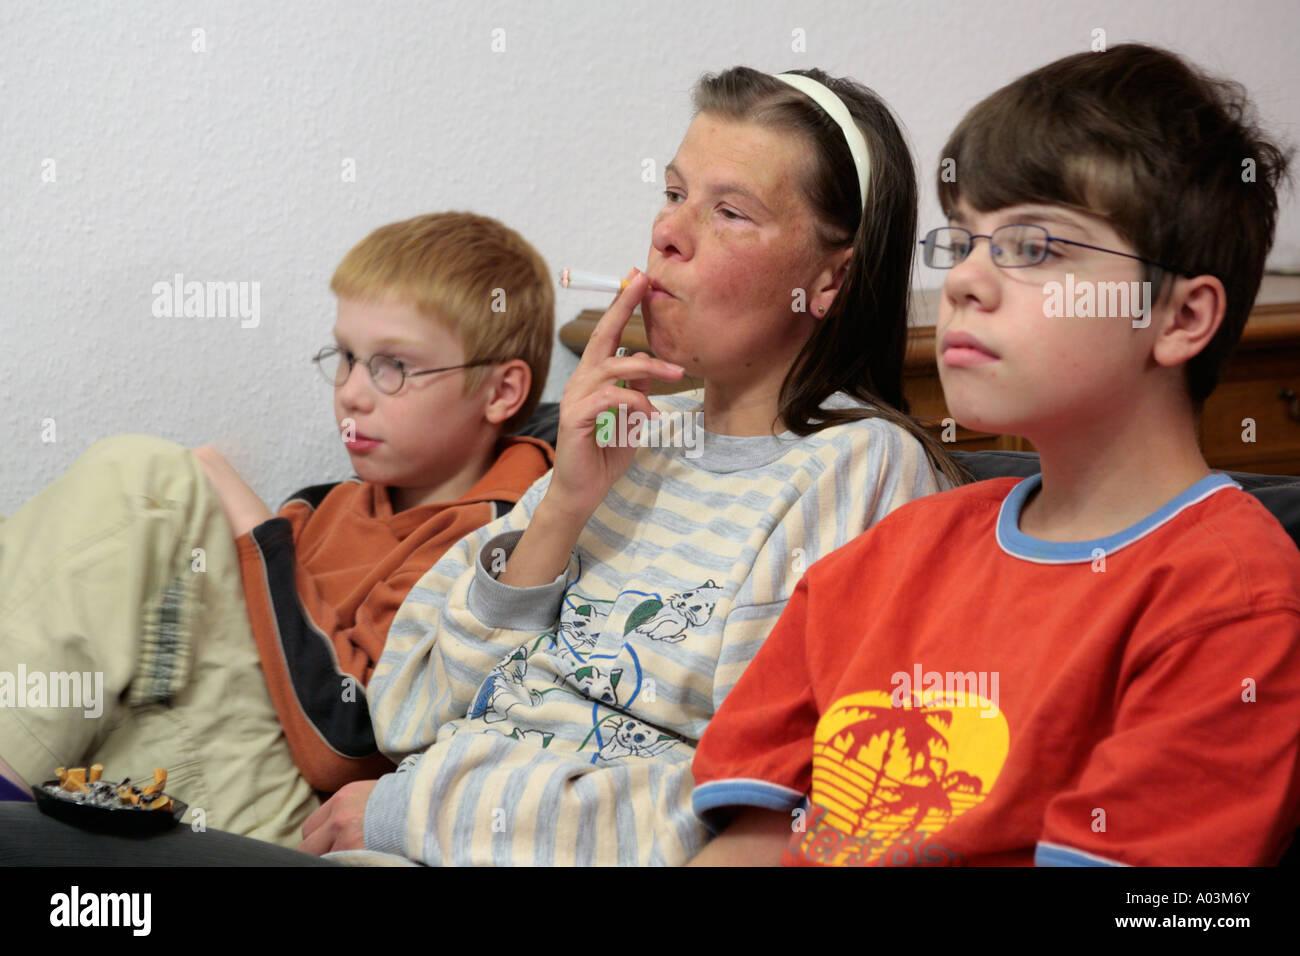 Mutter Rauchen beim Fernsehen mit ihren Kindern Stockbild